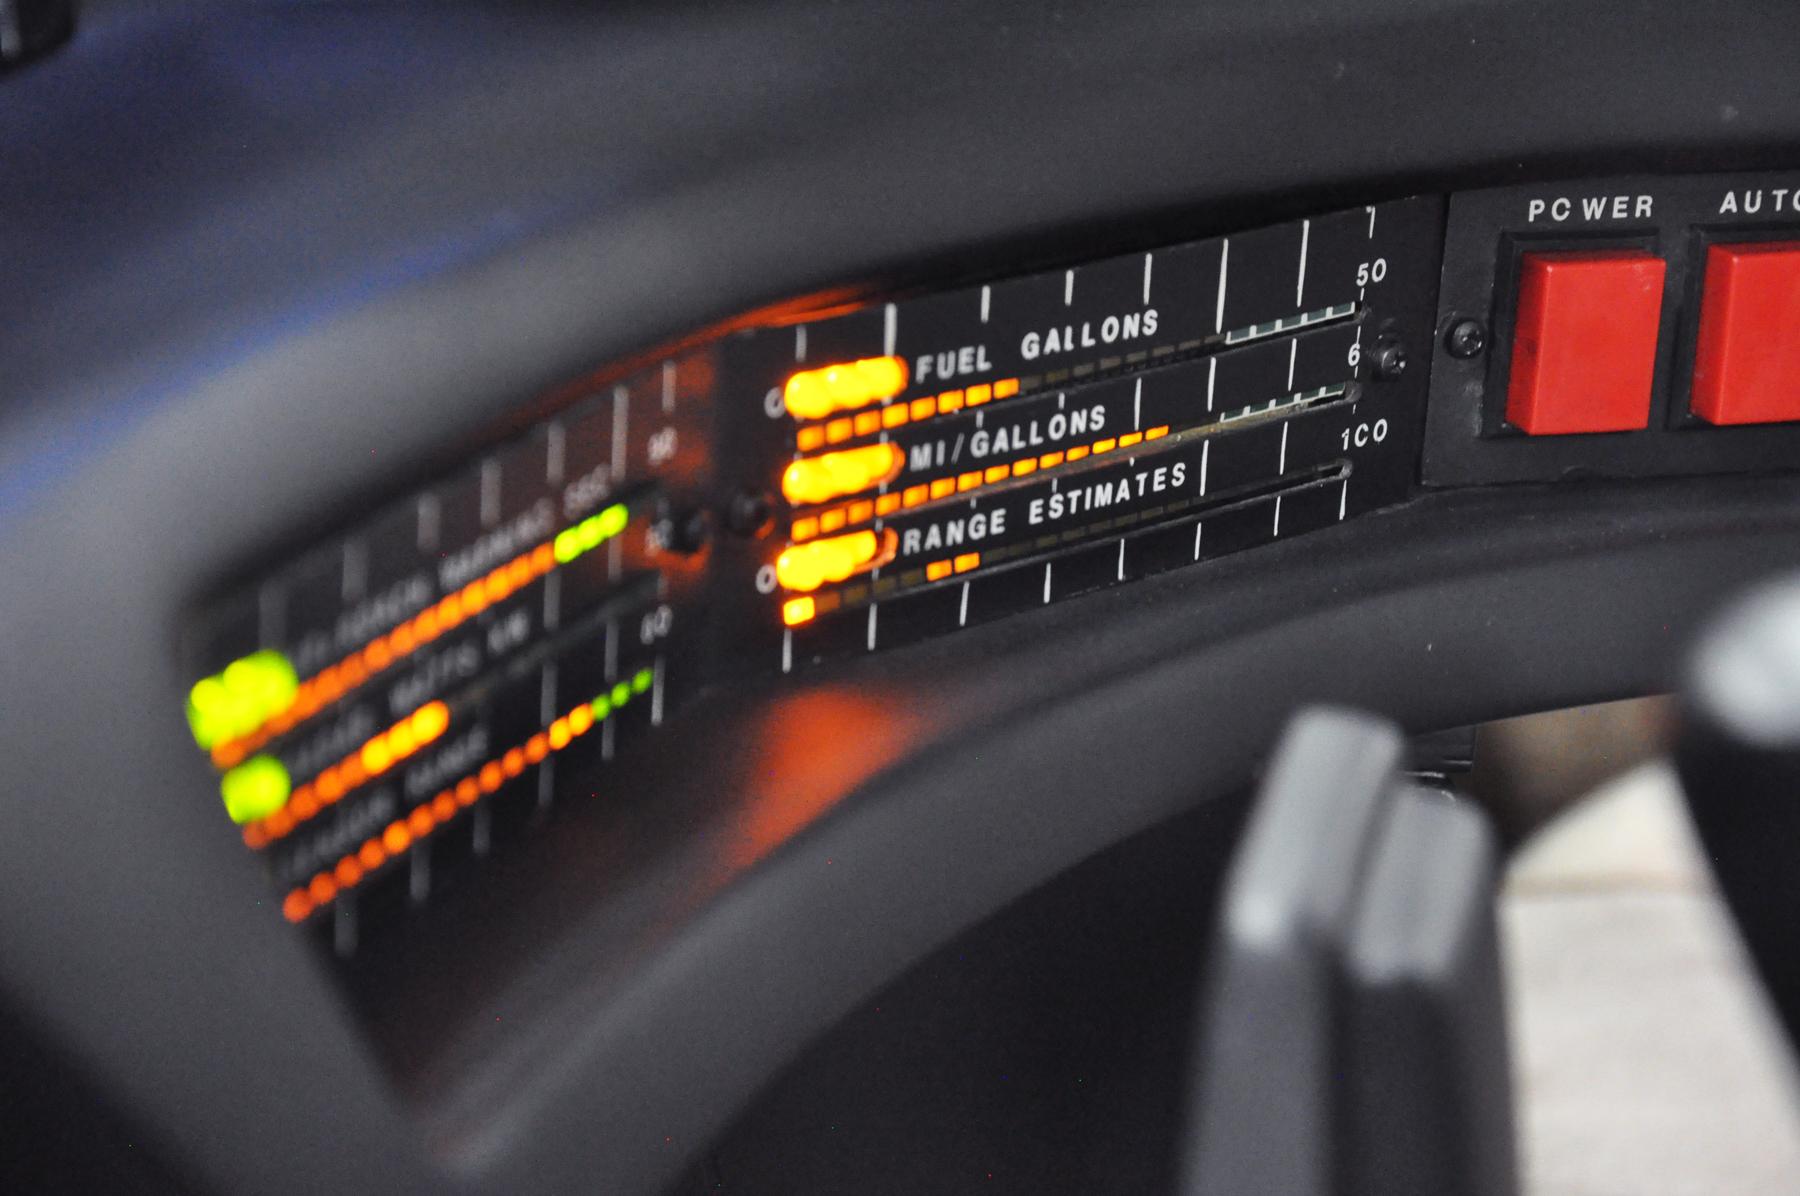 KITT - 1982 Pontiac Firebird Trans Am - Fuel gauge